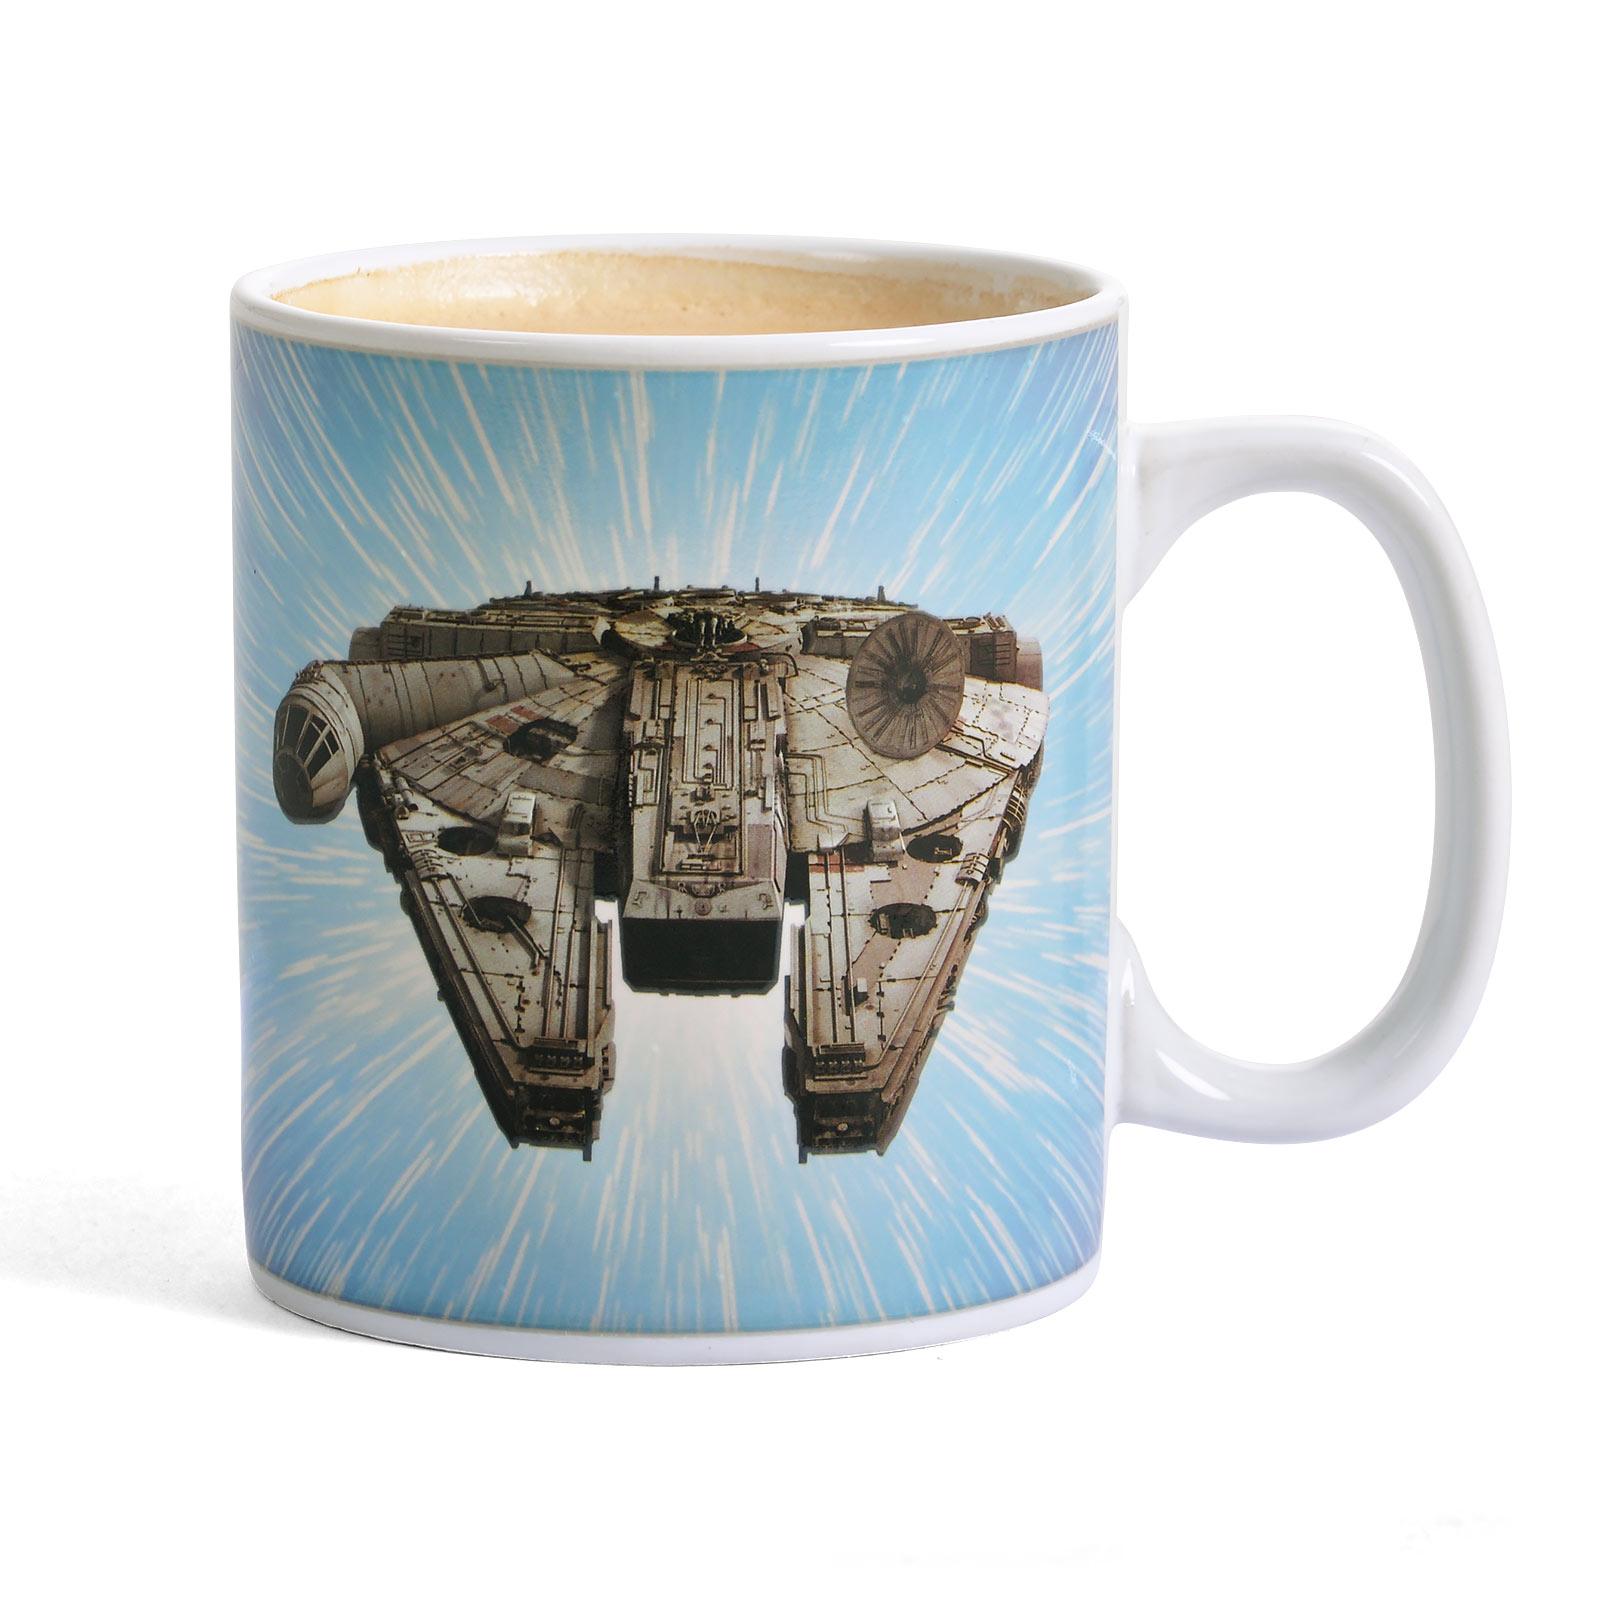 Star Wars - Millennium Falcon Thermoeffekt Tasse